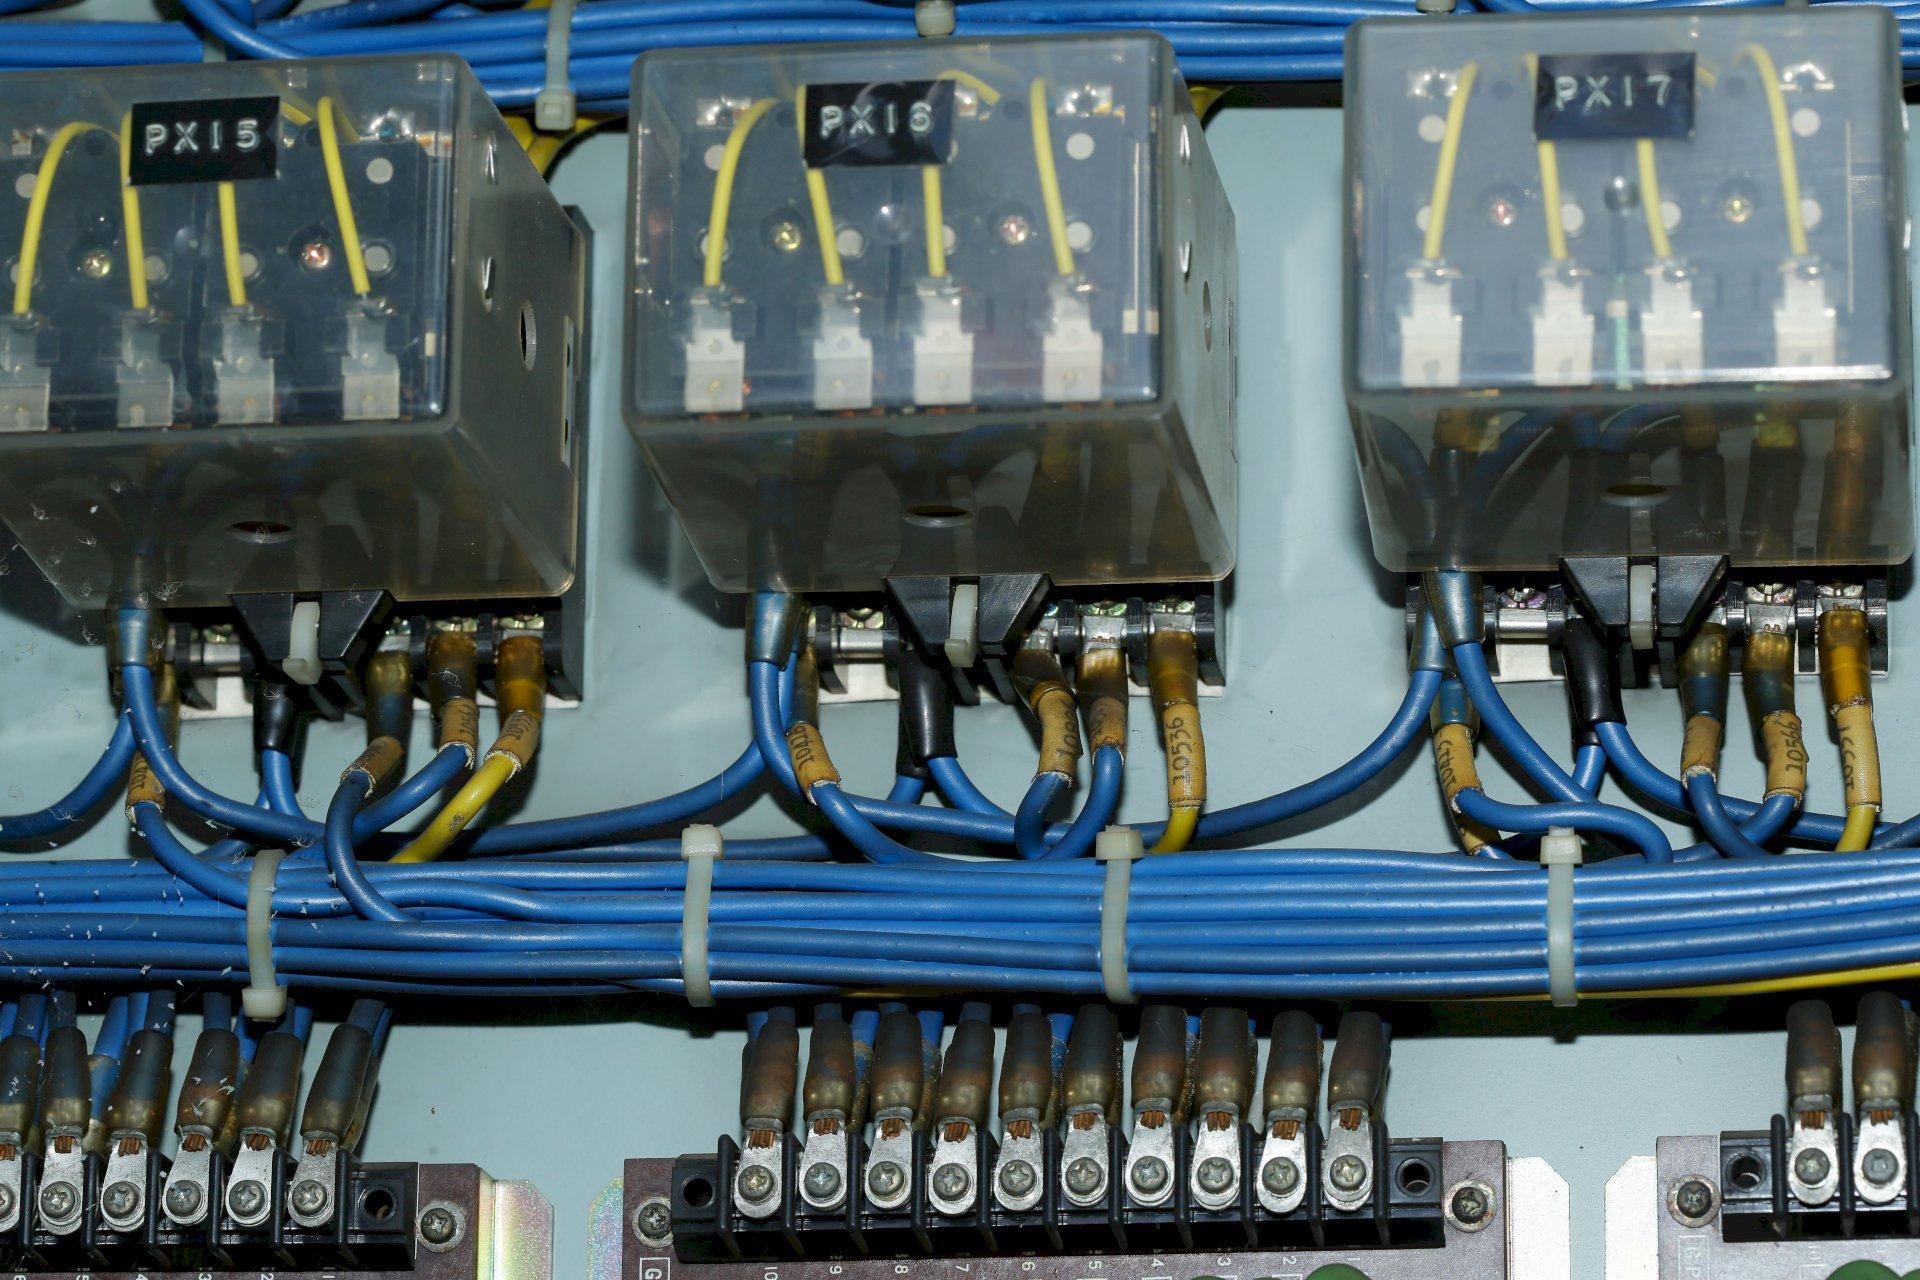 Wat is de impact van vermogenselektronica op statische elektriciteitsmeters?